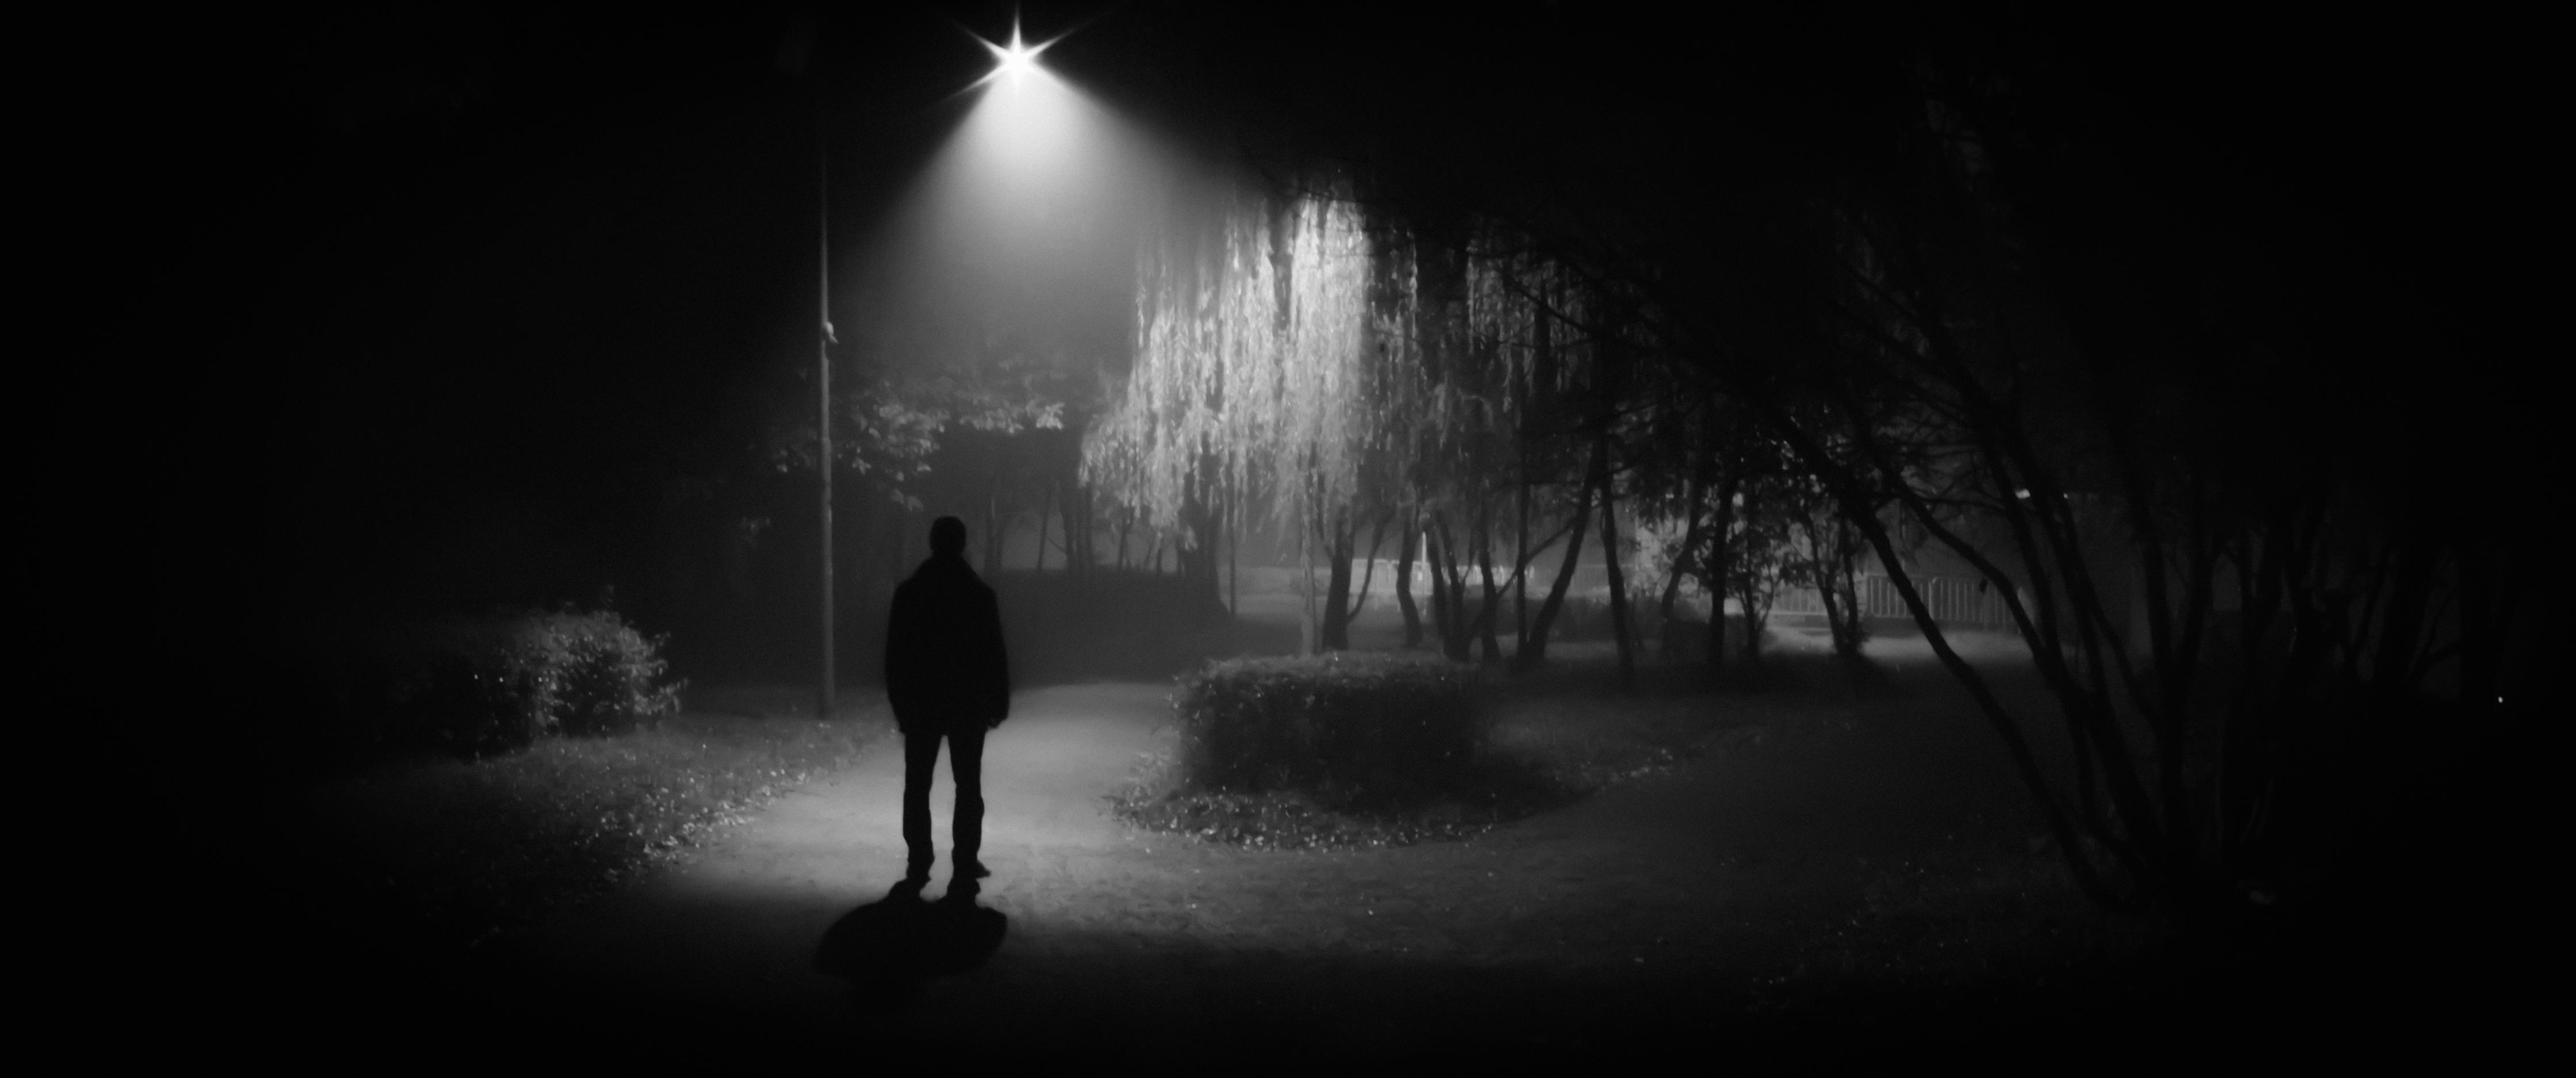 размещать фото одиночество и мрака научим